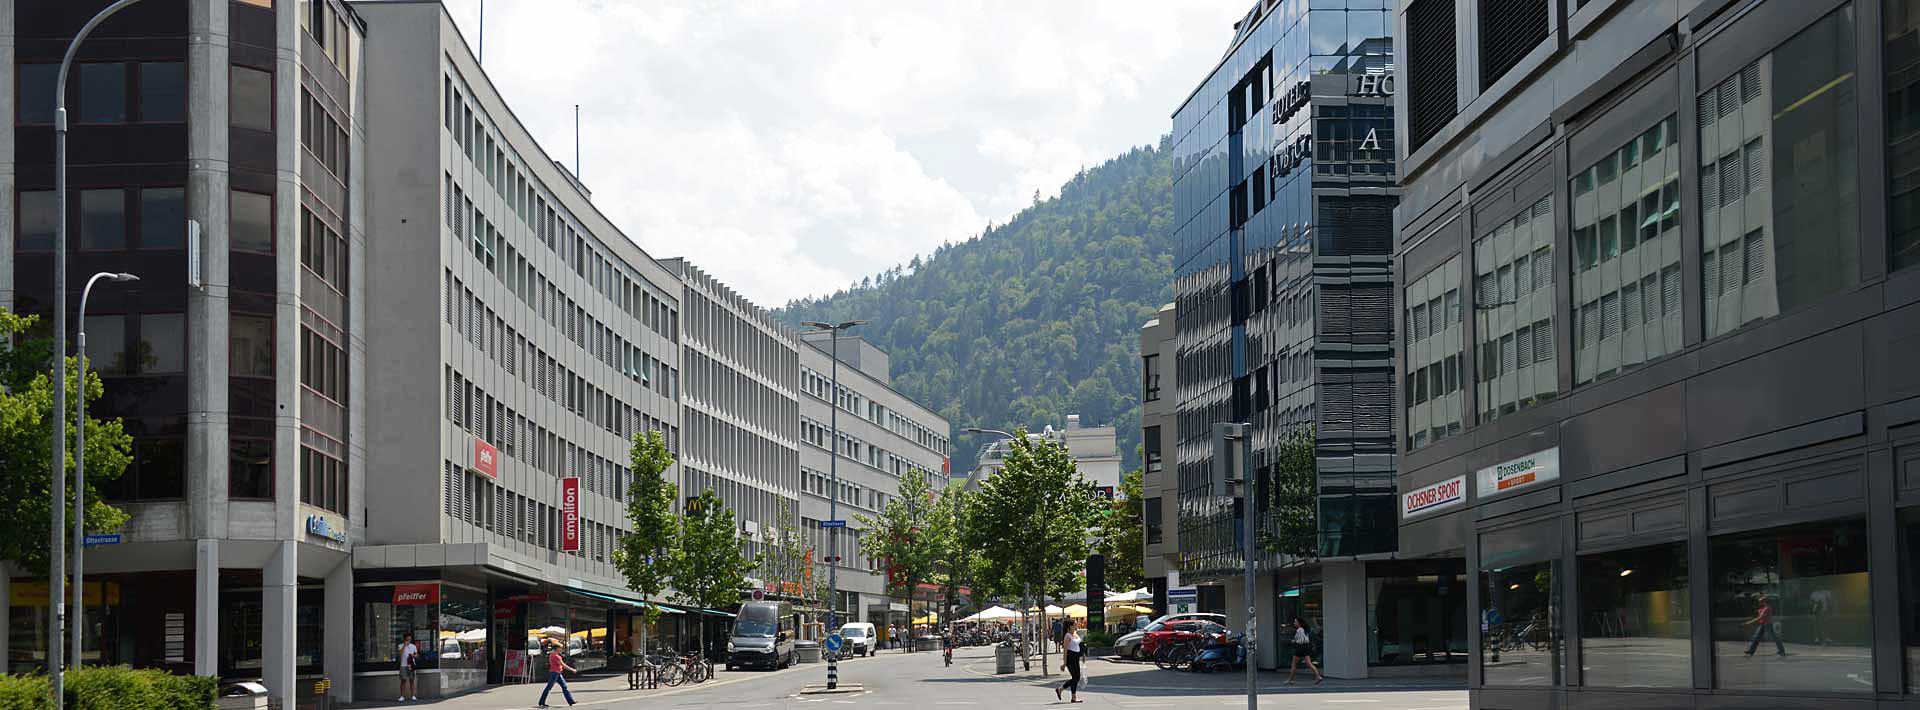 Wohn- und Wirtschaftsstandort Chur